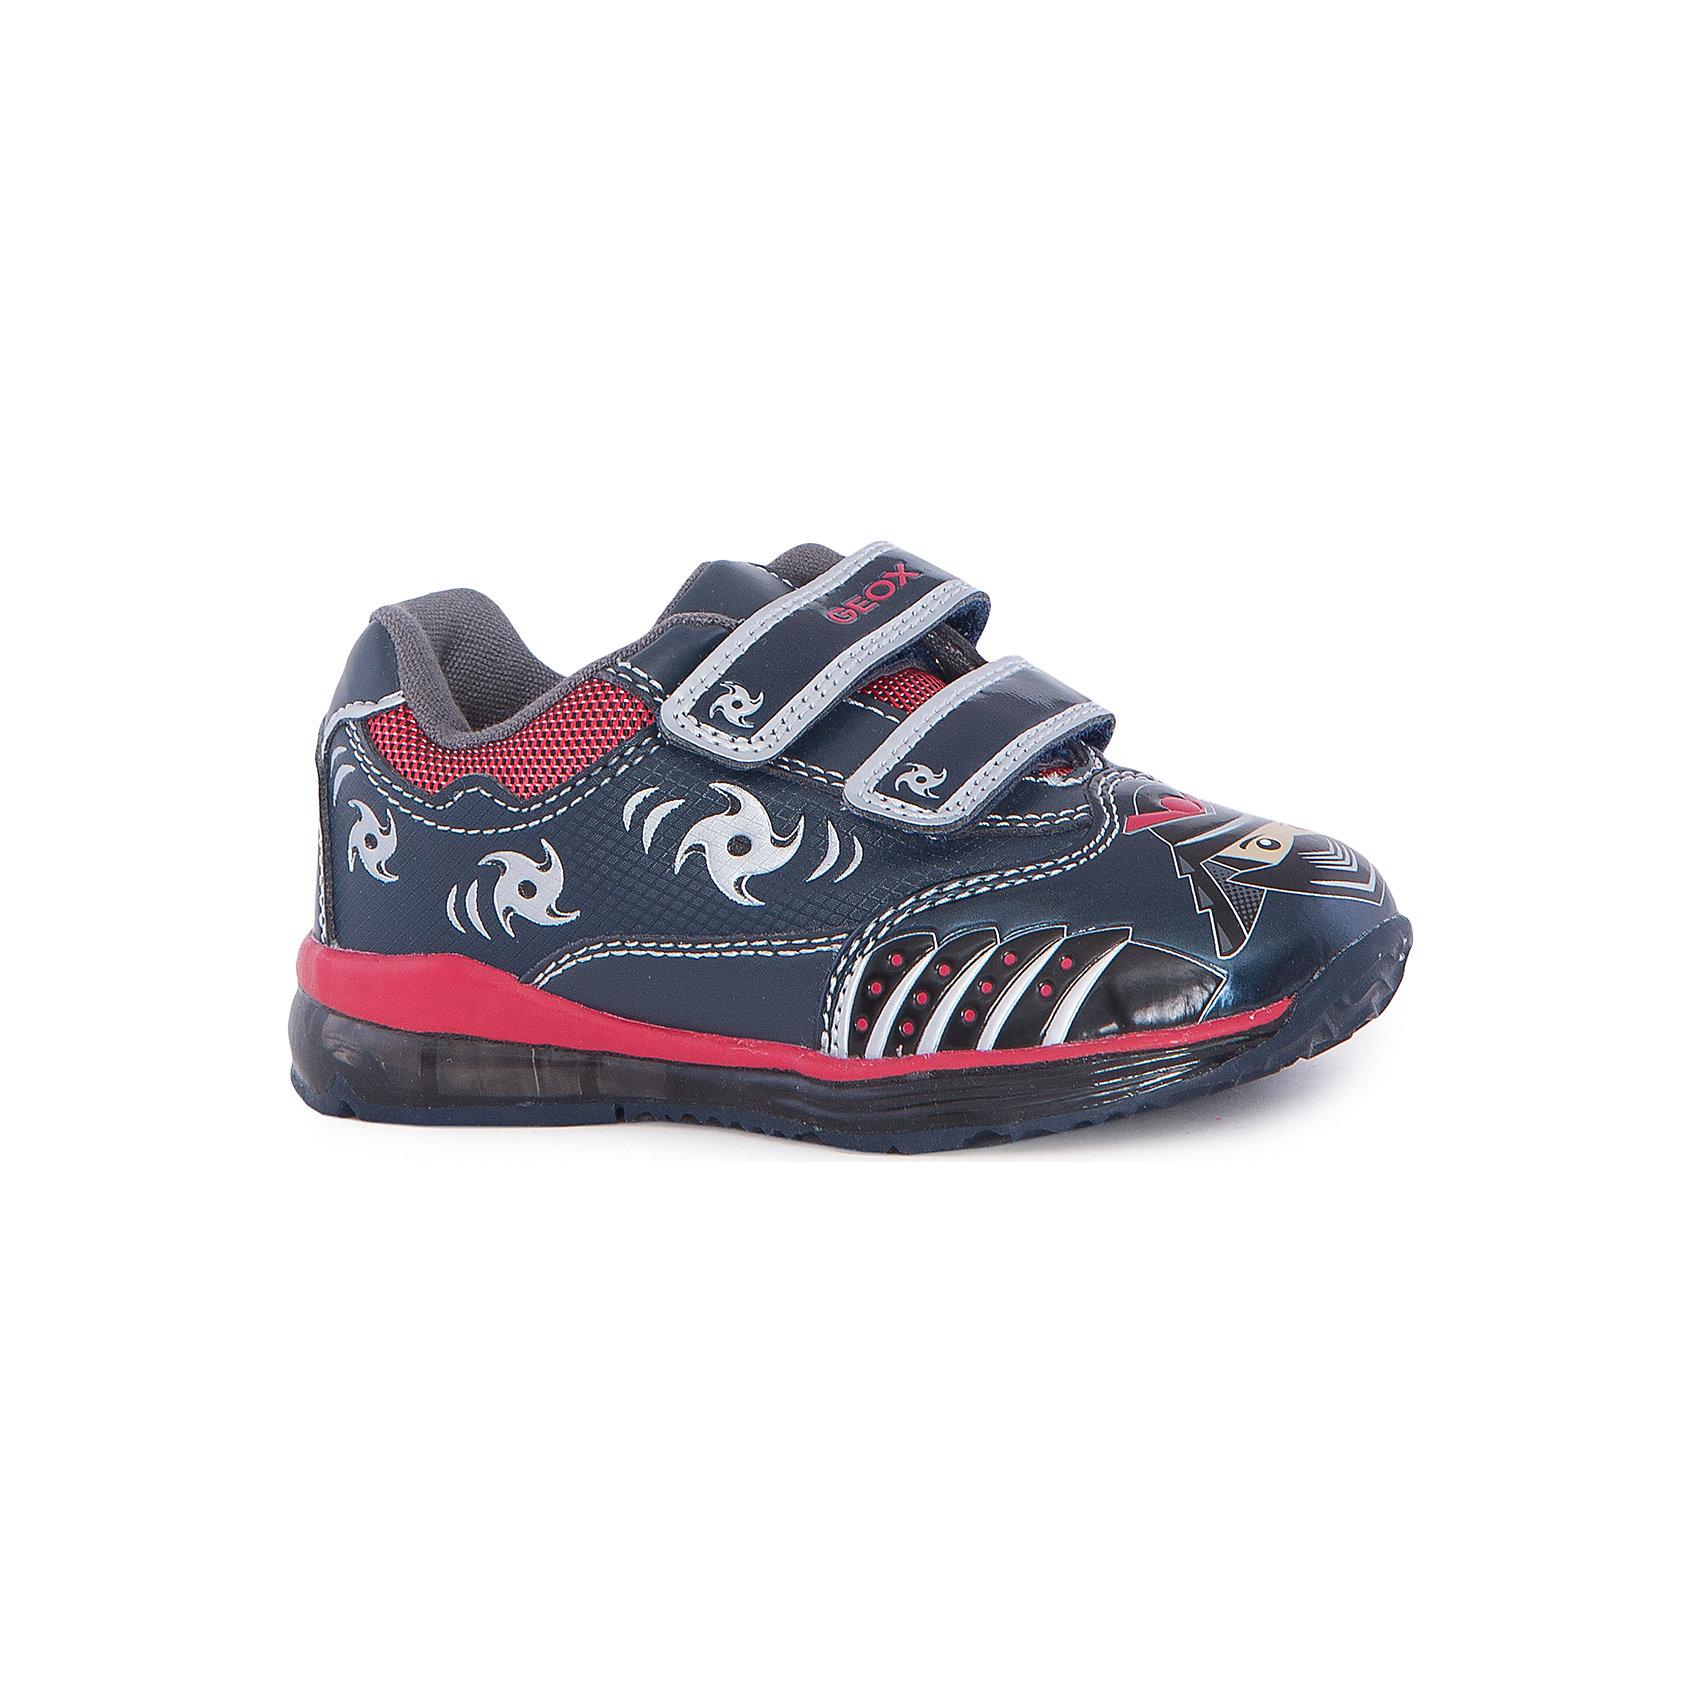 Кроссовки для мальчика GEOXКроссовки для мальчика от знаменитого итальянского бренда взрослой и детской одежды и обуви GEOX (Геокс). Прогулки станут еще веселее! Кроссовки представлены в темно-синем цвете в совмещении с красными деталями, на них имеются нашитые озорные ниндзи и рисунки сюрикэнов. Идеальные для игр, кроссовки имеют веселую диодную подсветку в подошве, и когда ребенок наступает на нее, загораются огоньки красного цвета. Разработанная технология подошвы кроссовок не позволяет им скользить, амортизирует шаги, не пропускает воду и позволяет стопе дышать. Мягкая подошва отлично гнется, обеспечивая безопасность шагов малыша, поддерживая стопу, позволяя стоять более уверенно и оставляя свободу движения. Эргономичная антибактериальная стелька и высокий задник хорошо фиксируют голеностоп и удобны в носке. Внутренний материал позволяют легко надевать и снимать кроссовки, застегивая на две практичные липучки. Кроссовки сохраняют тепло маленьких ножек и оставляют их сухими, позволяя им дышать. <br>Дополнительная информация:<br>- Состав:<br>верх:  93% синтетика, 7% текстиль<br>подкладка: текстиль<br>стелька: натуральная кожа <br>подошва: резина<br>Кроссовки для мальчика GEOX (Геокс) можно купить в нашем магазине.<br>Подробнее:<br>• Для детей в возрасте: от 12 месяцев до 4 лет<br>• Номер товара: 5007832<br>Страна производитель: Китай<br><br>Ширина мм: 250<br>Глубина мм: 150<br>Высота мм: 150<br>Вес г: 250<br>Цвет: красный/синий<br>Возраст от месяцев: 18<br>Возраст до месяцев: 21<br>Пол: Мужской<br>Возраст: Детский<br>Размер: 23,24,25,26,27<br>SKU: 5007832